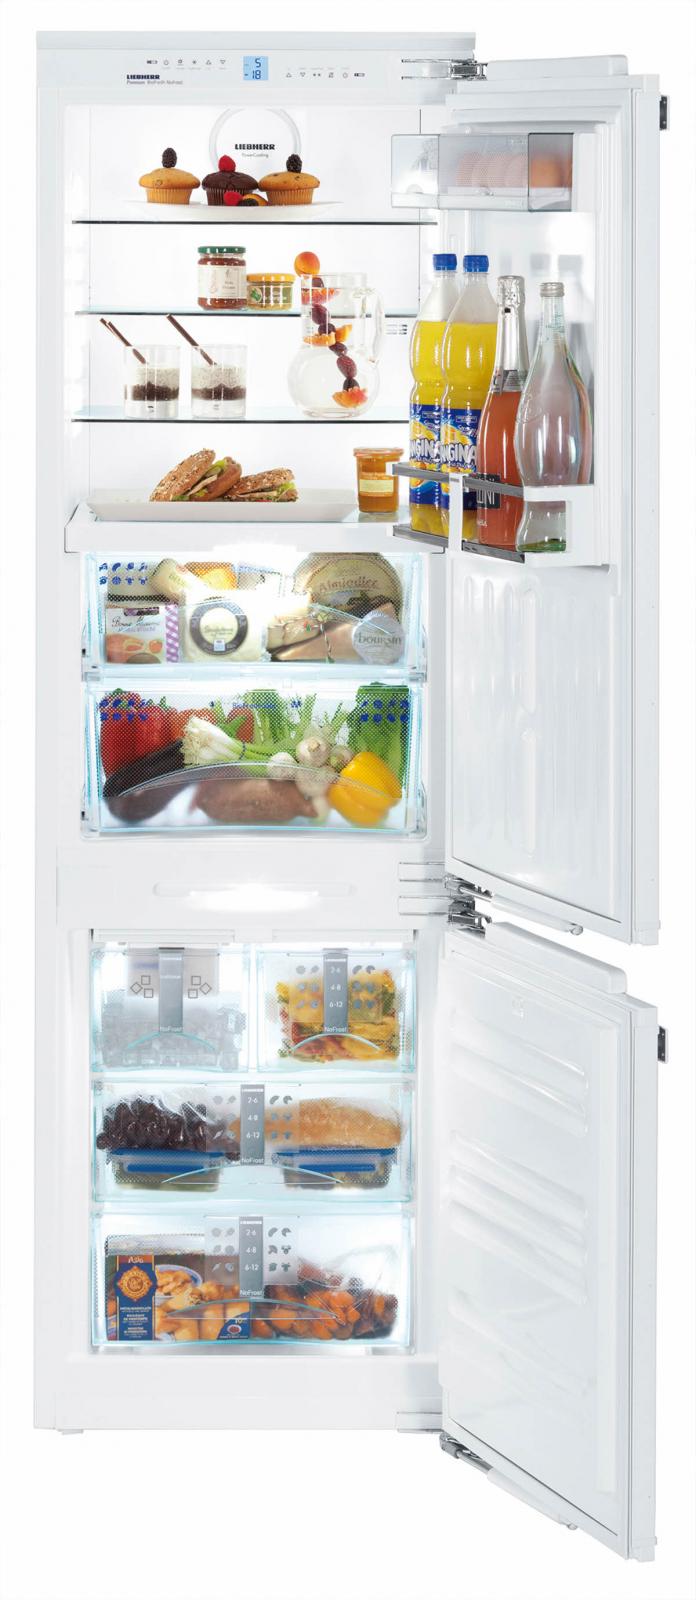 купить Встраиваемый двухкамерный холодильник Liebherr ICBN 3366 21 Украина фото 3